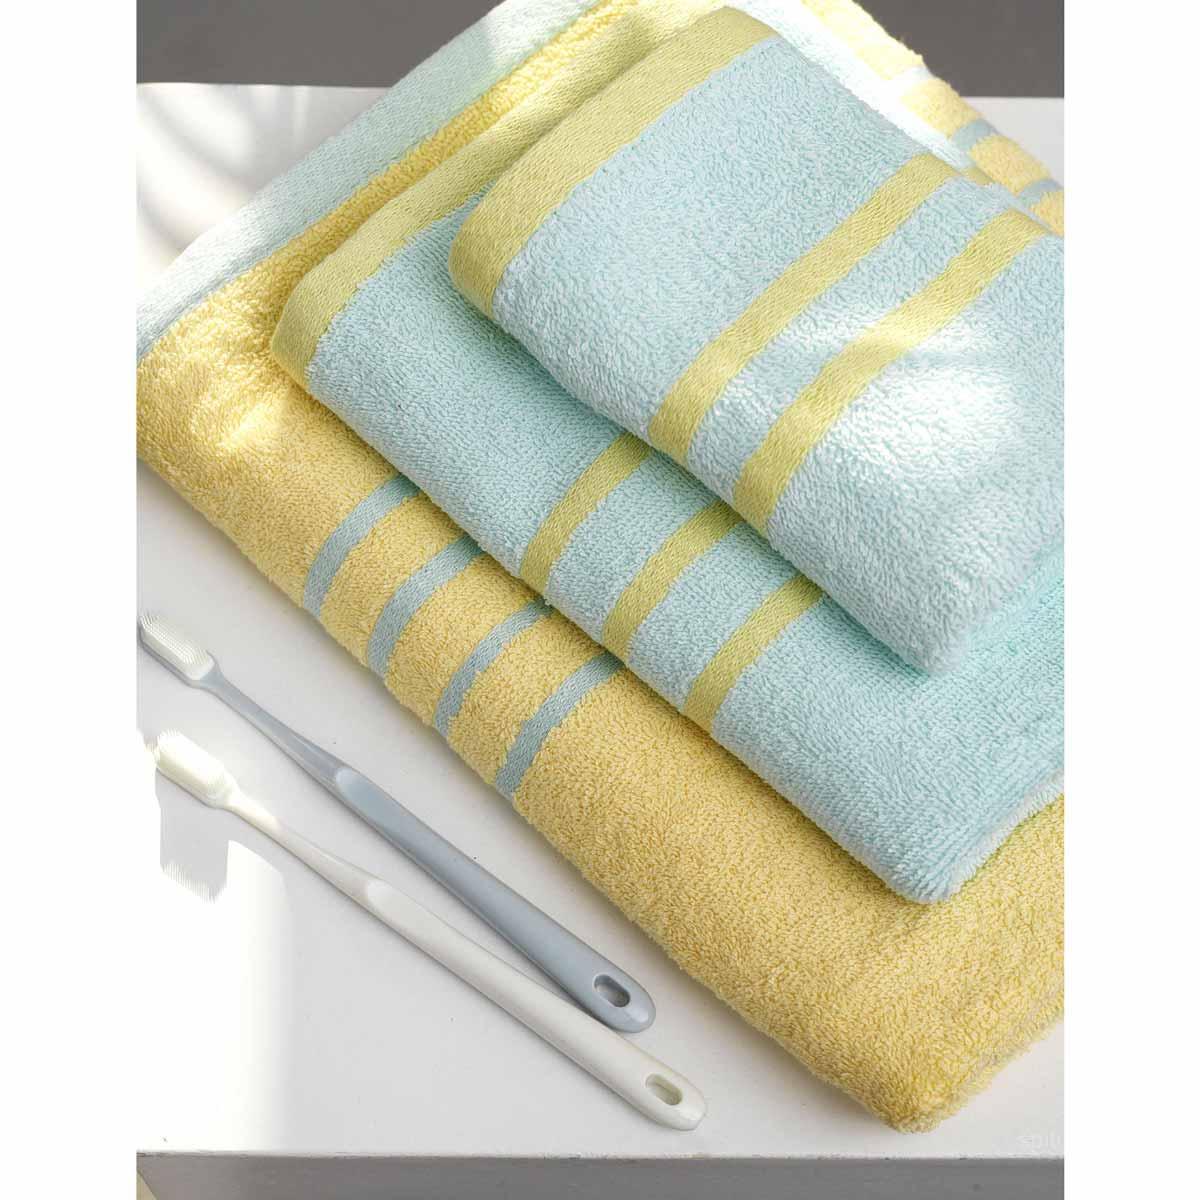 Πετσέτες Μπάνιου (Σετ 3τμχ) Palamaiki Towels Contrast Yellow/Ciel